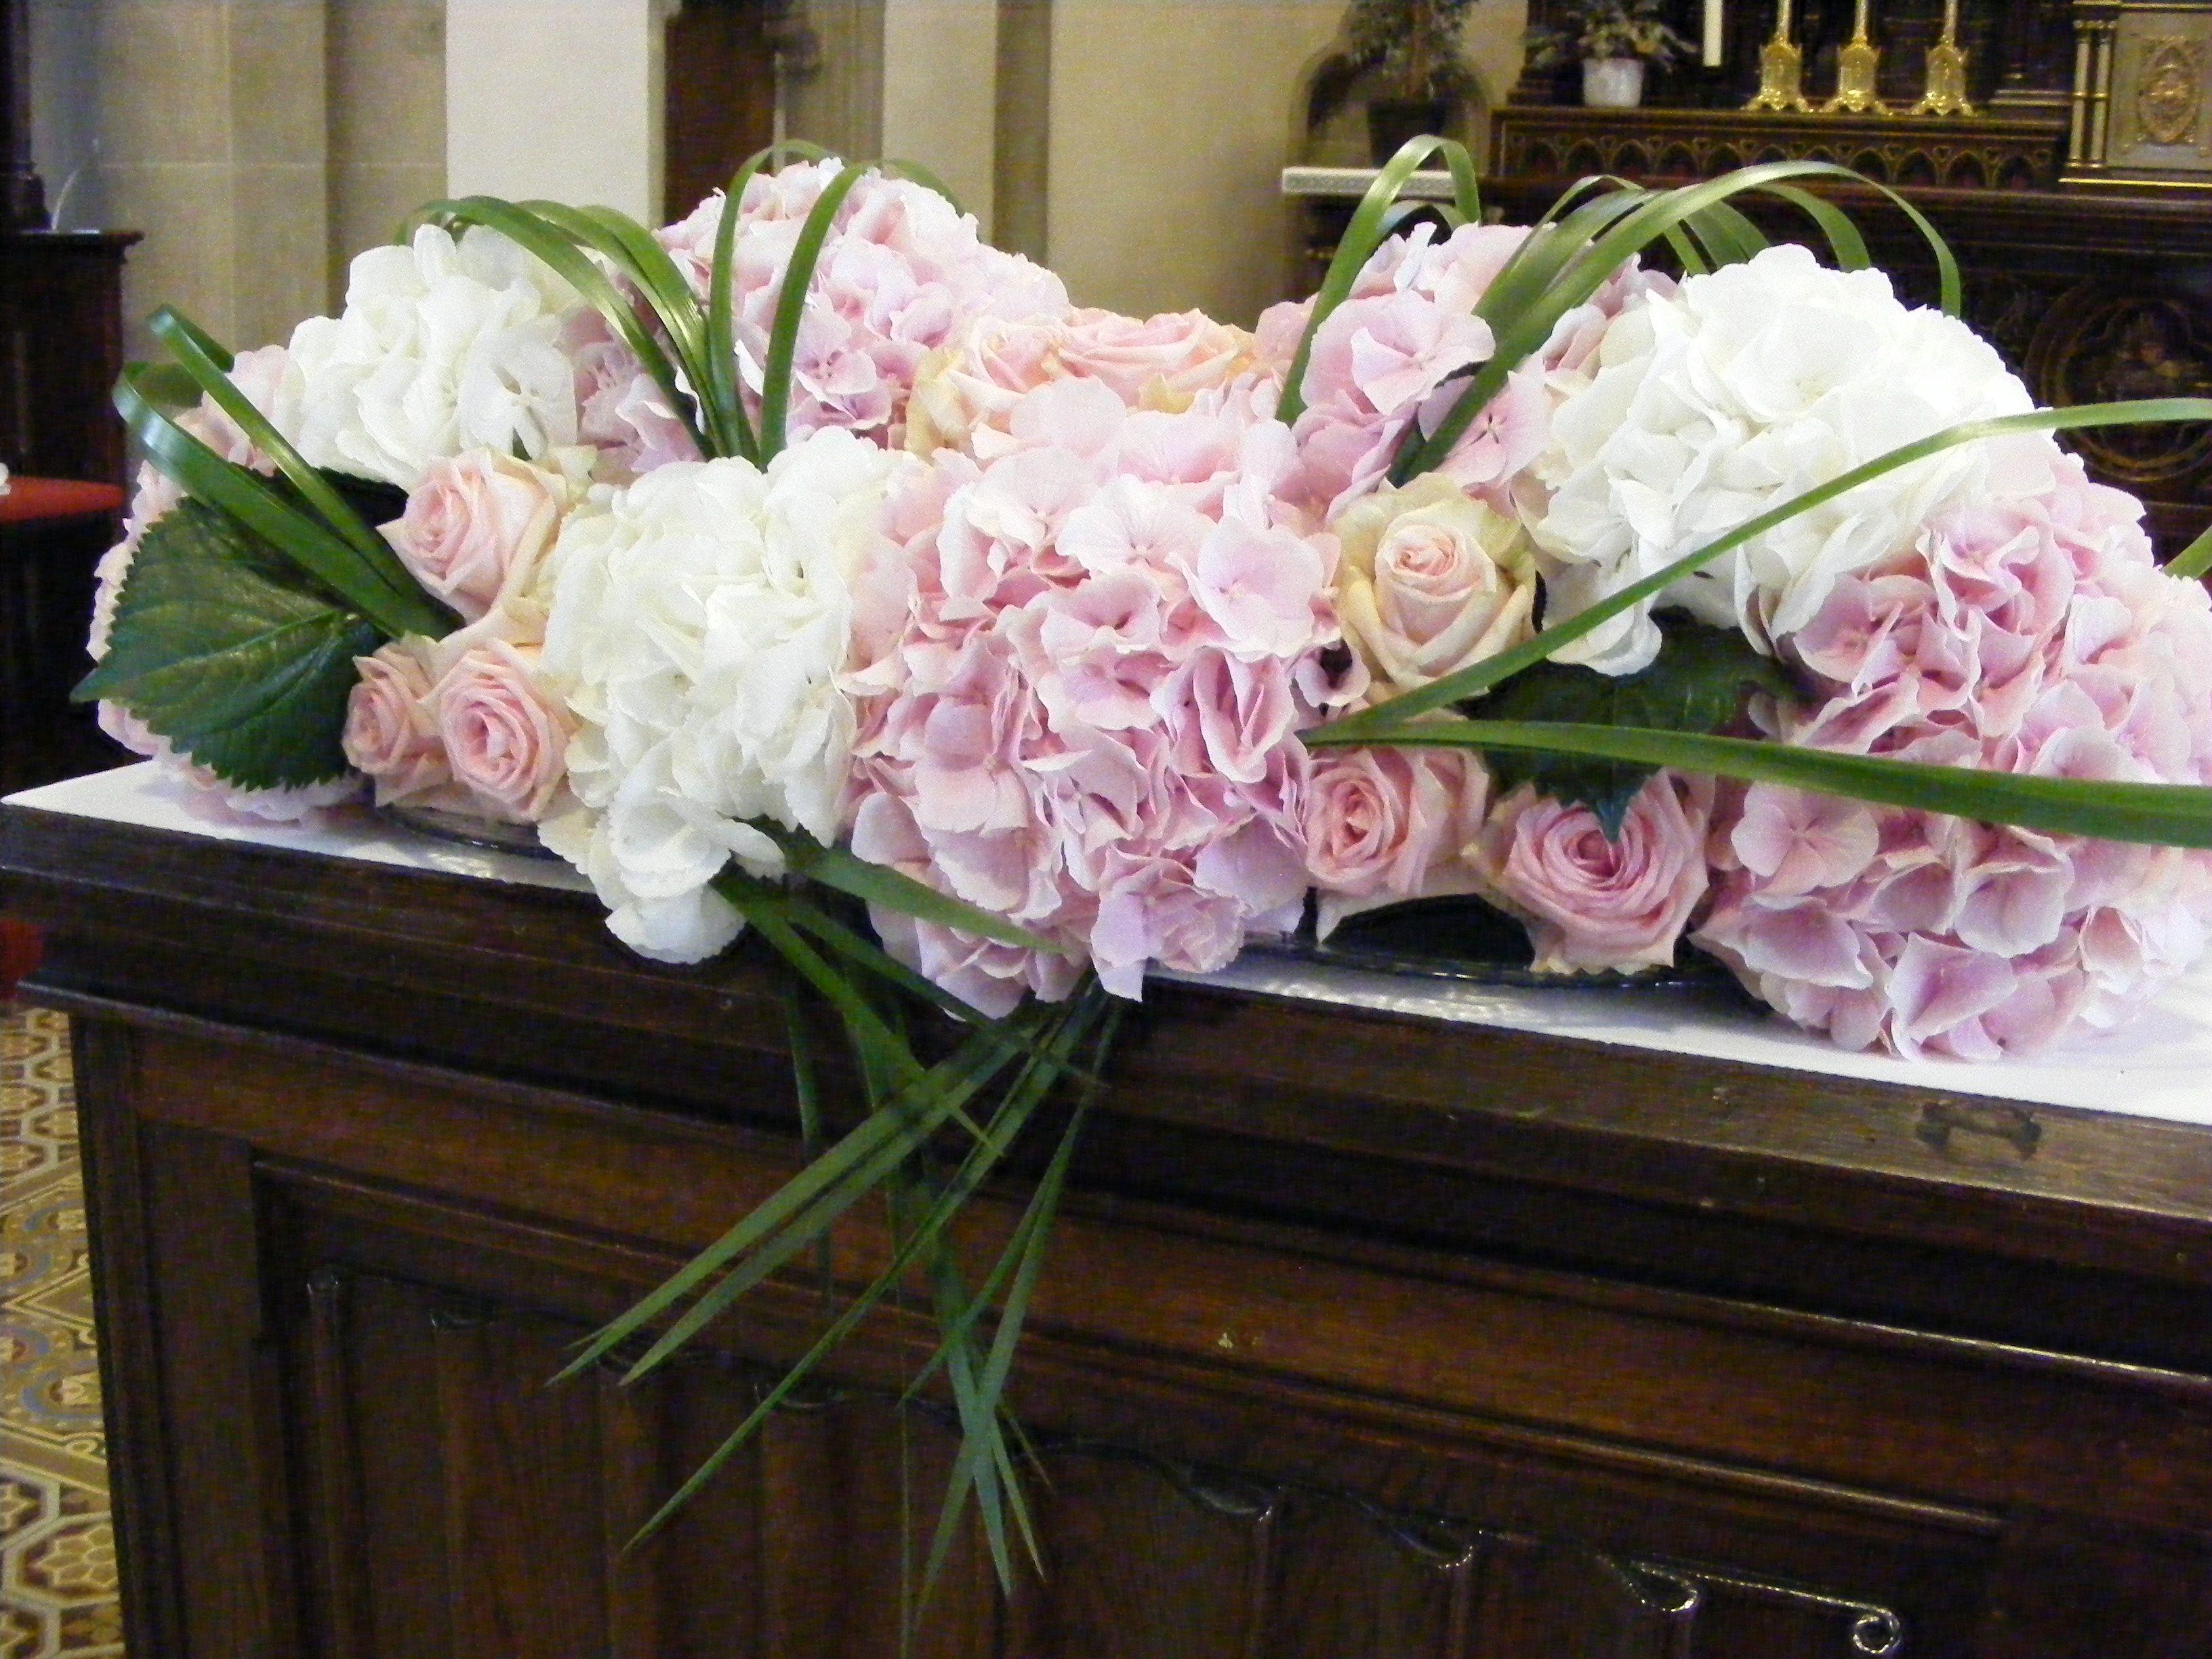 d coration d autel en hortensia rose p le et blanc mariage boda marta y juanma pinterest. Black Bedroom Furniture Sets. Home Design Ideas